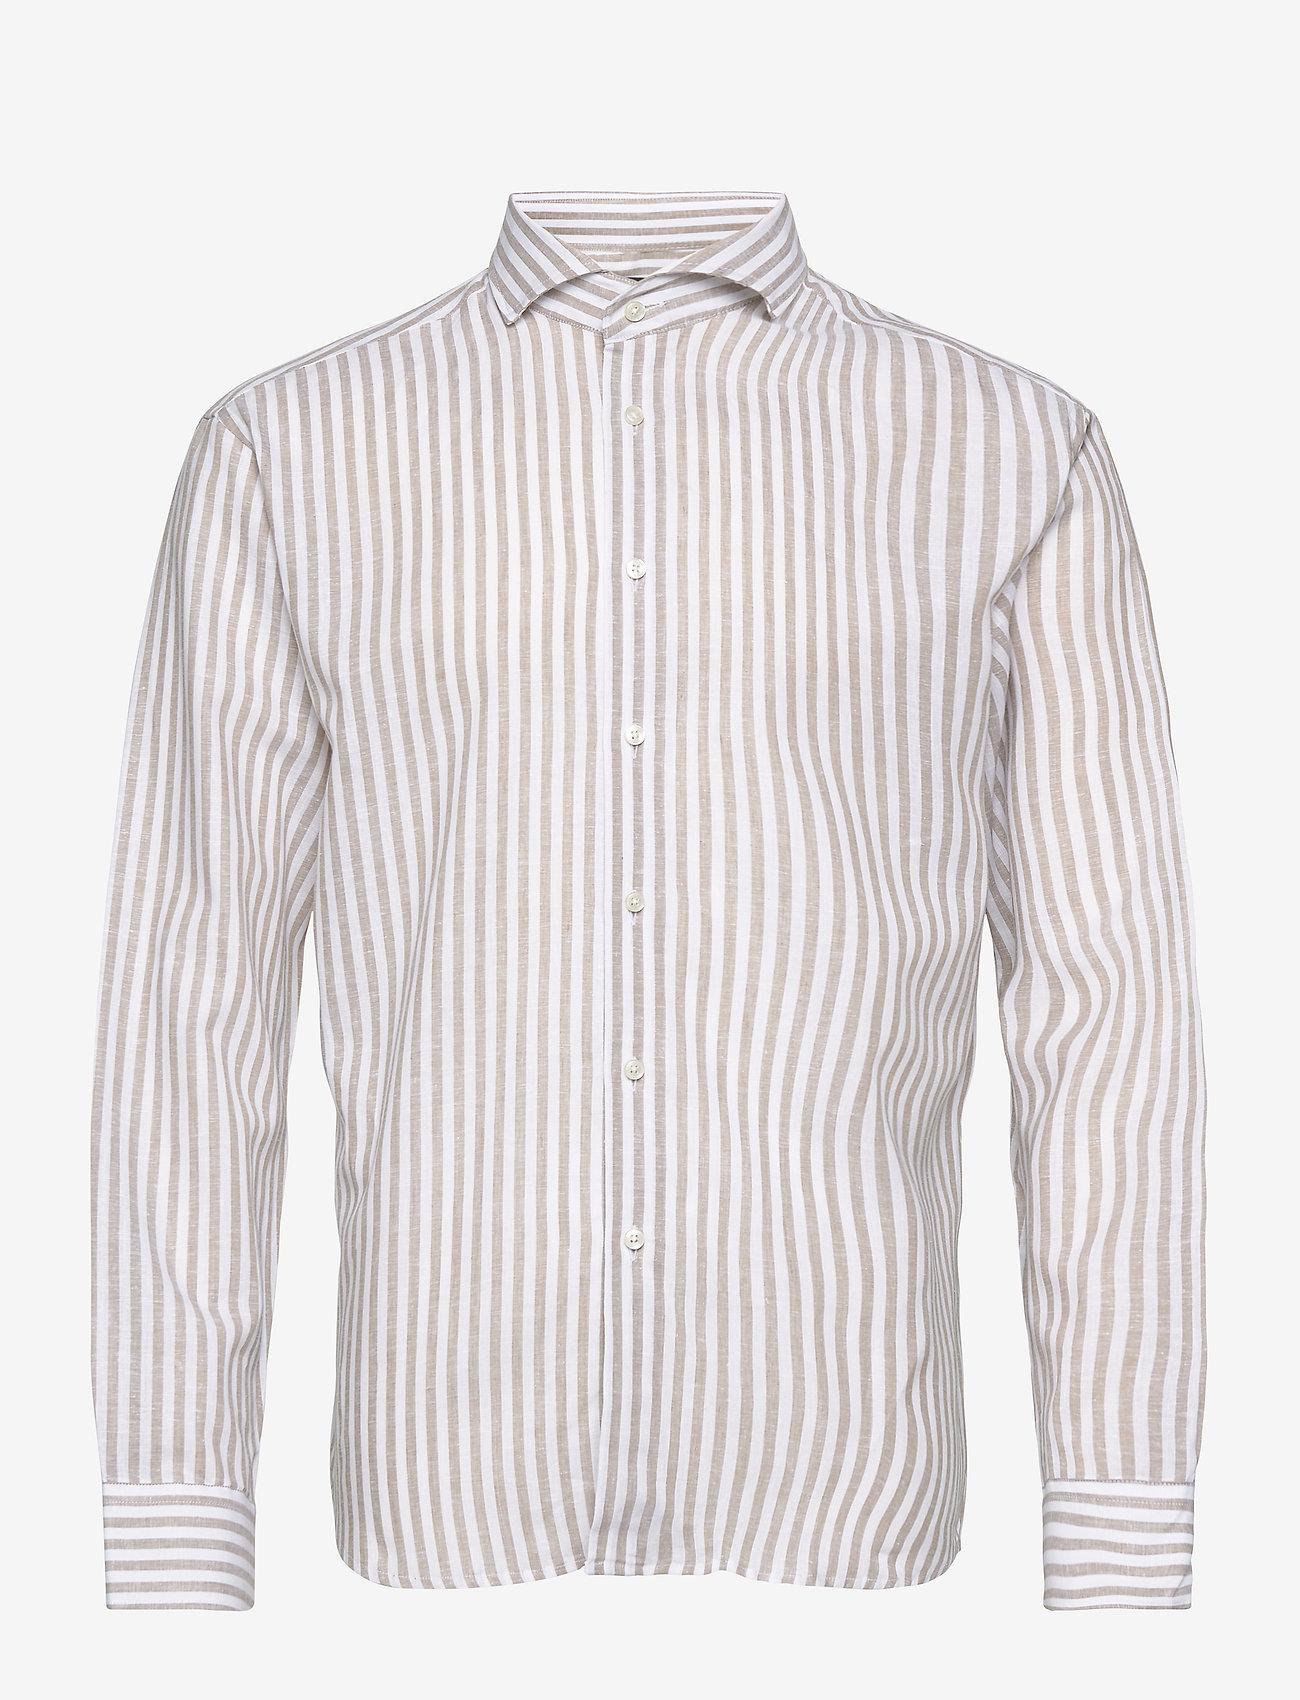 Bosweel Shirts Est. 1937 - Blue stripes on linen cotton - chemises de lin - beige - 0